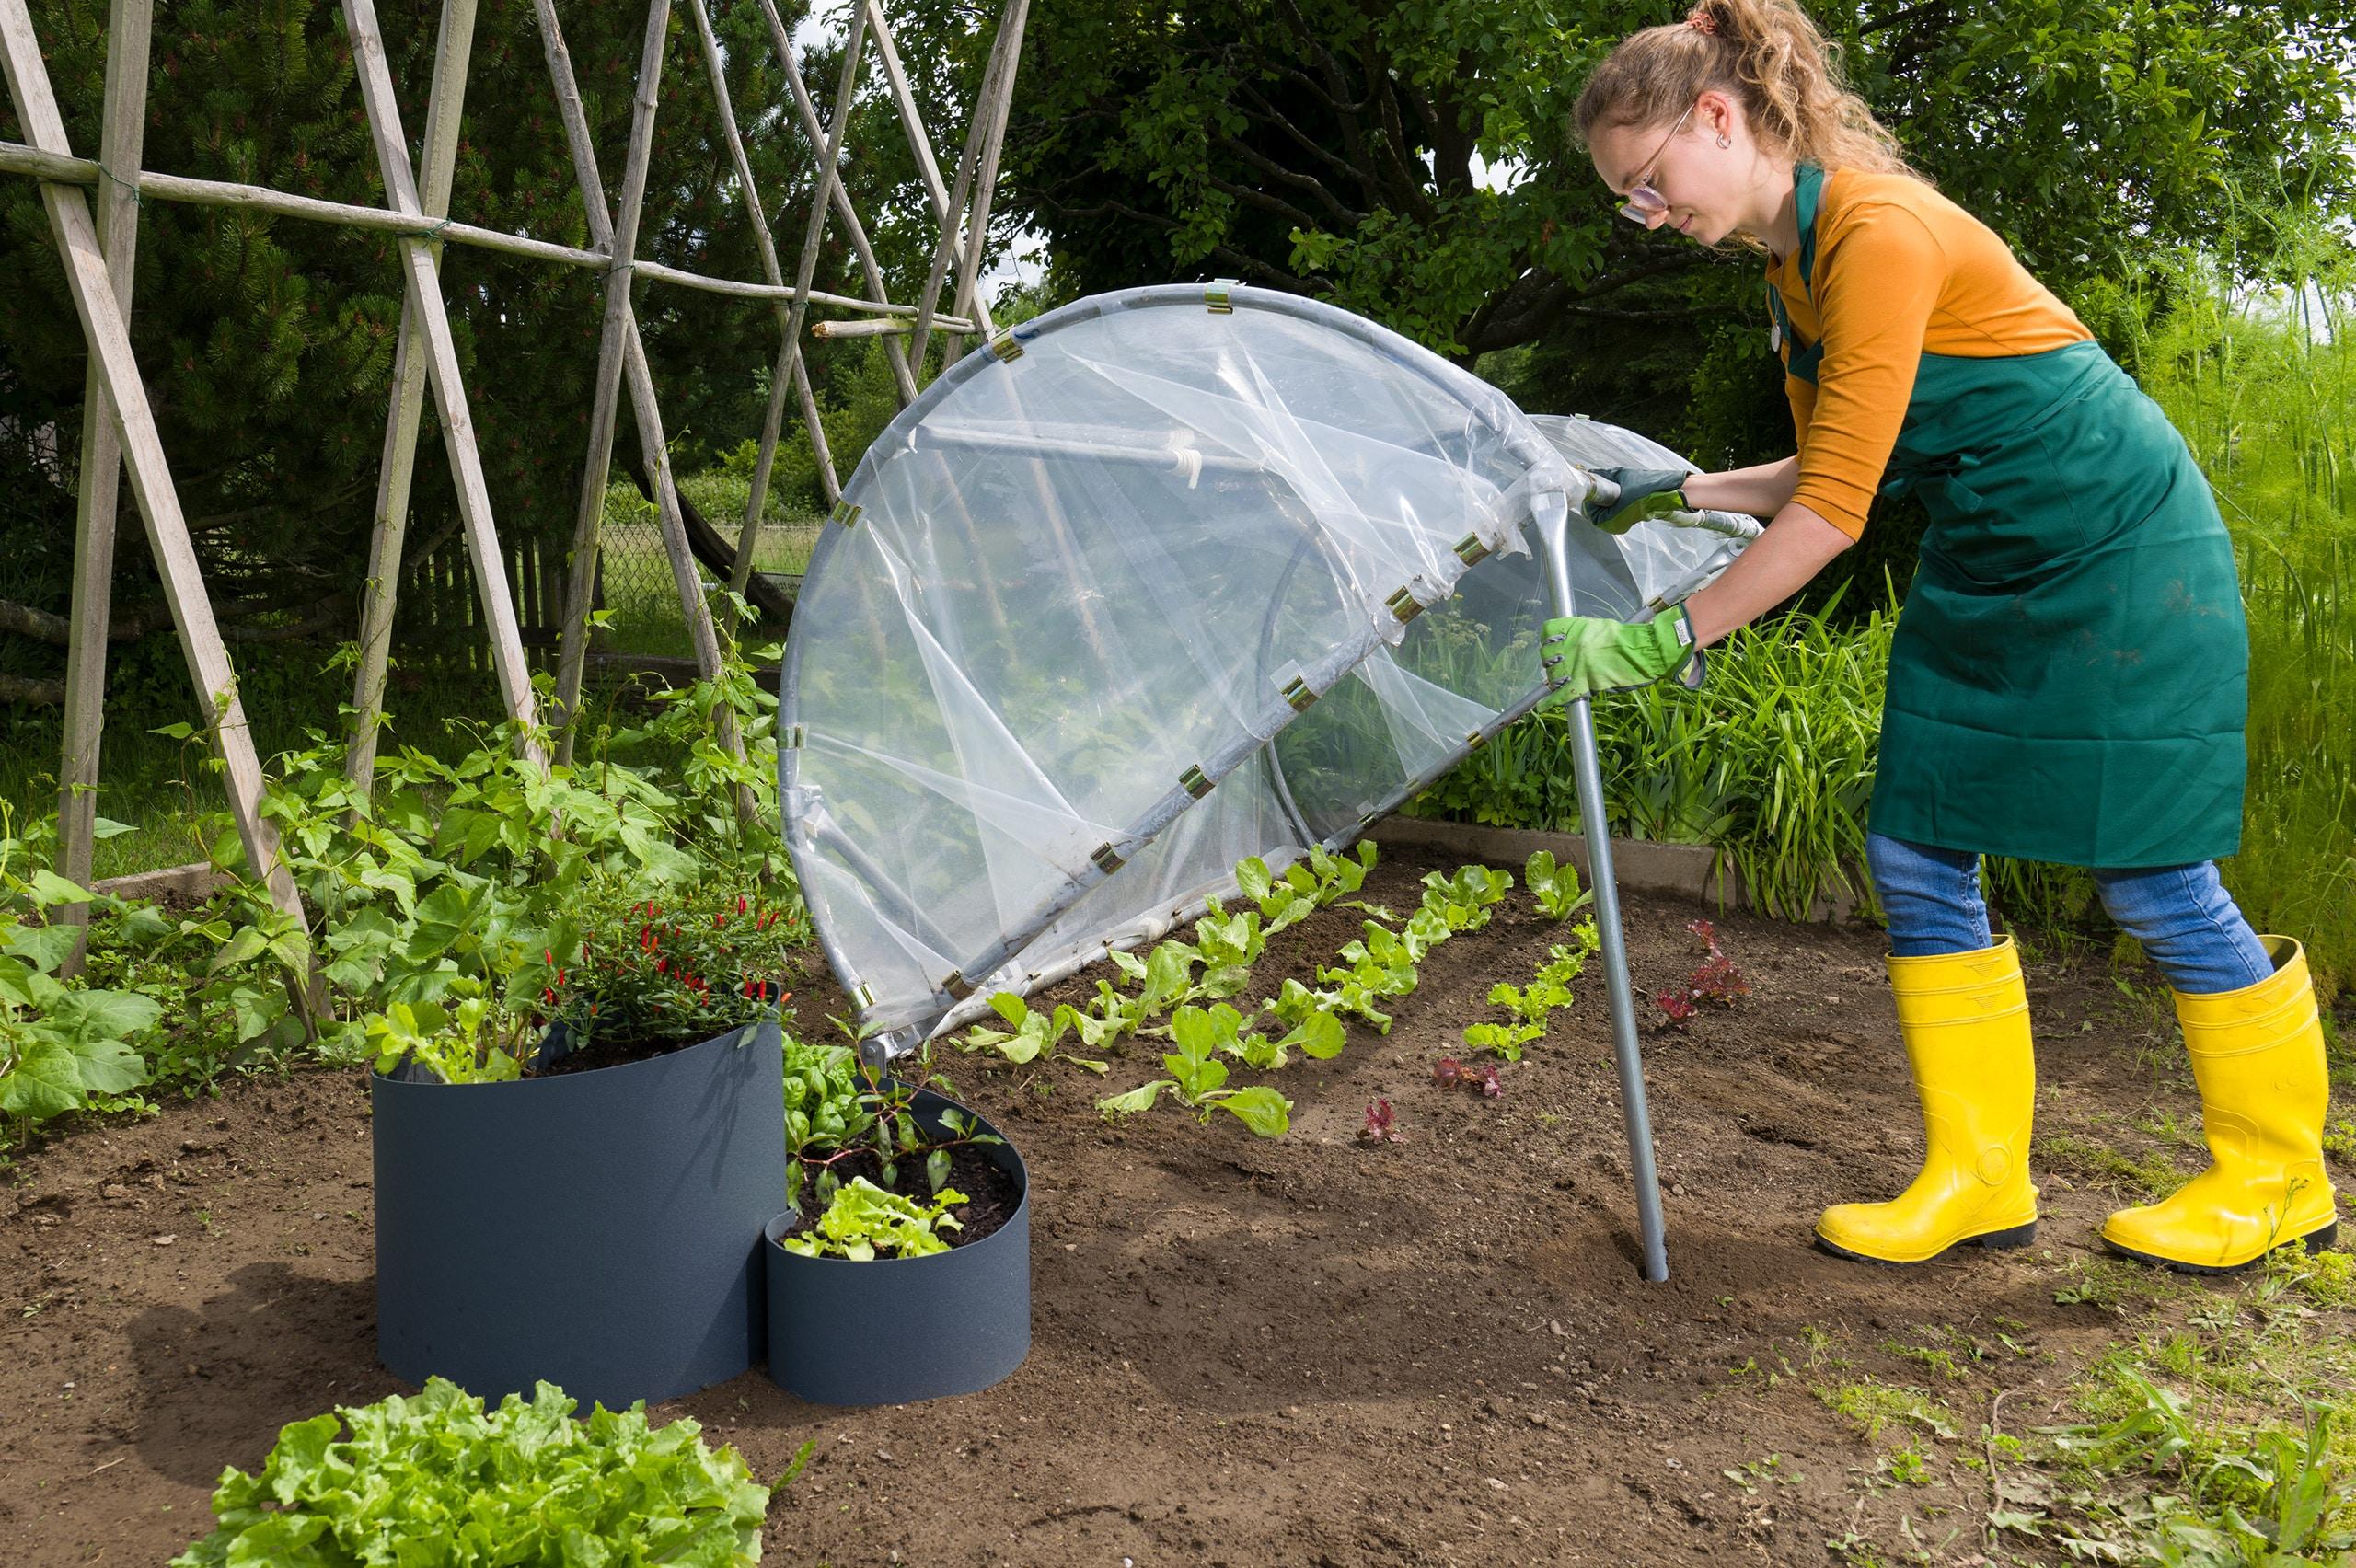 Frau stellt Frühbeet auf darunter wächst Salat